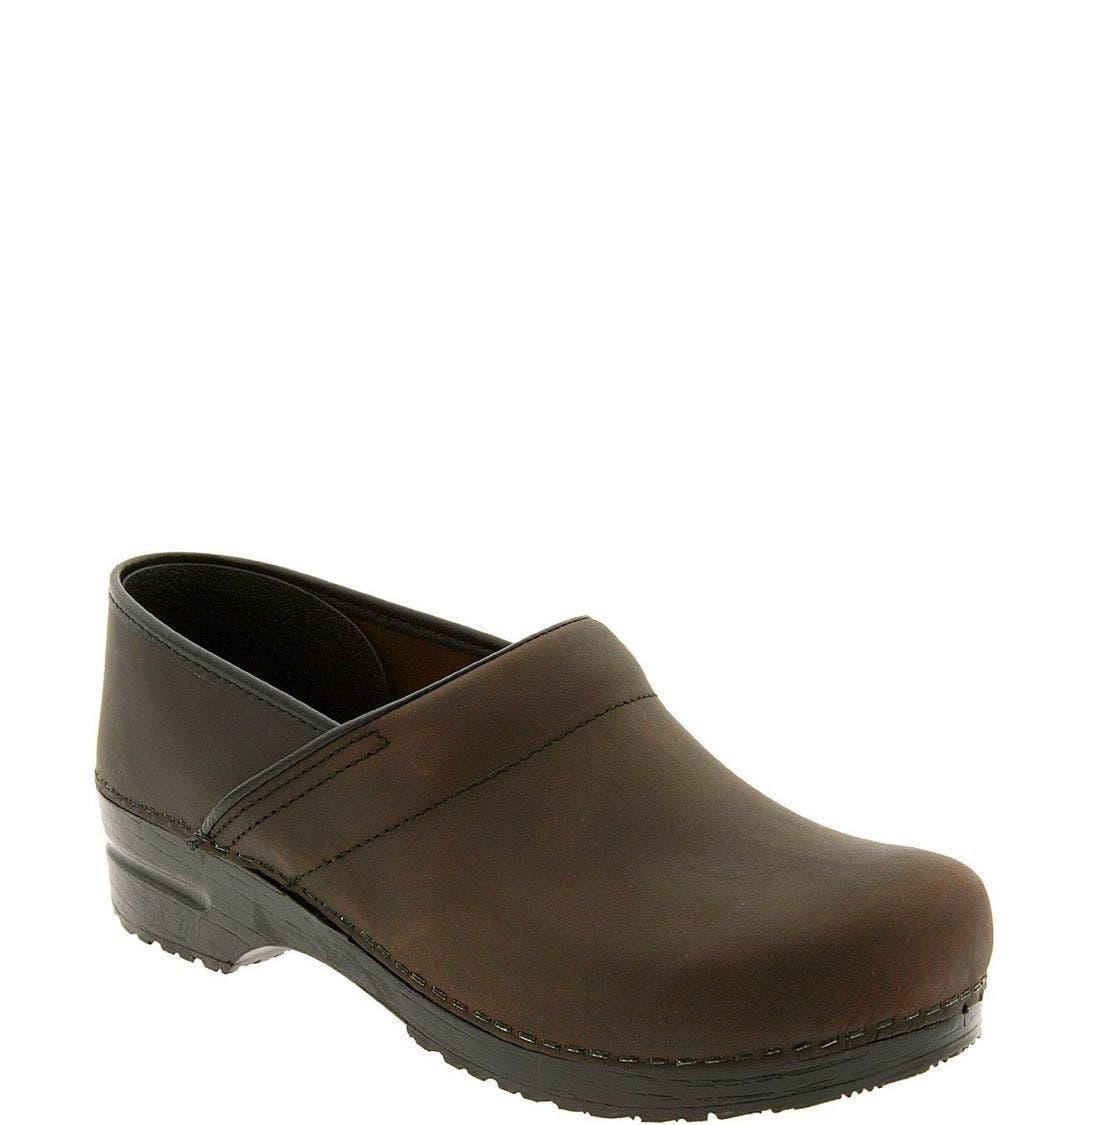 62a04da5056a Women s Comfortable Mules   Clogs